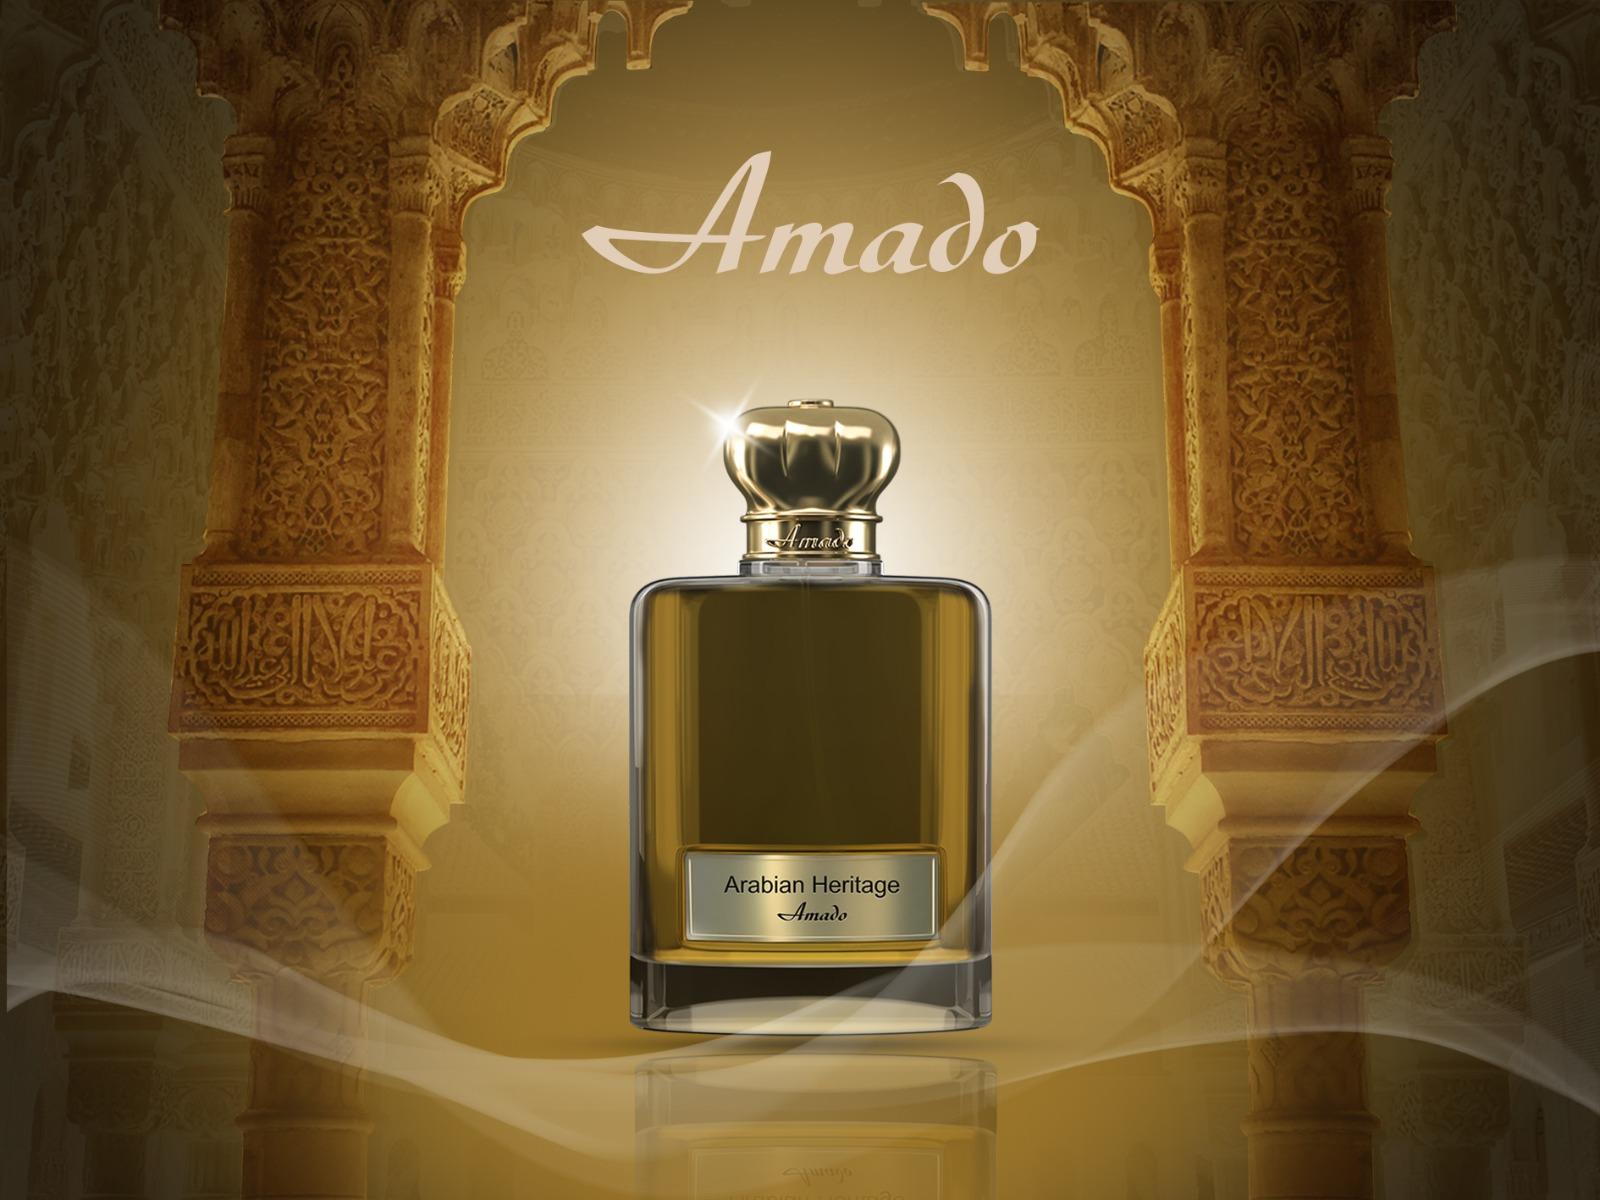 Amadoperfume arabian heritage